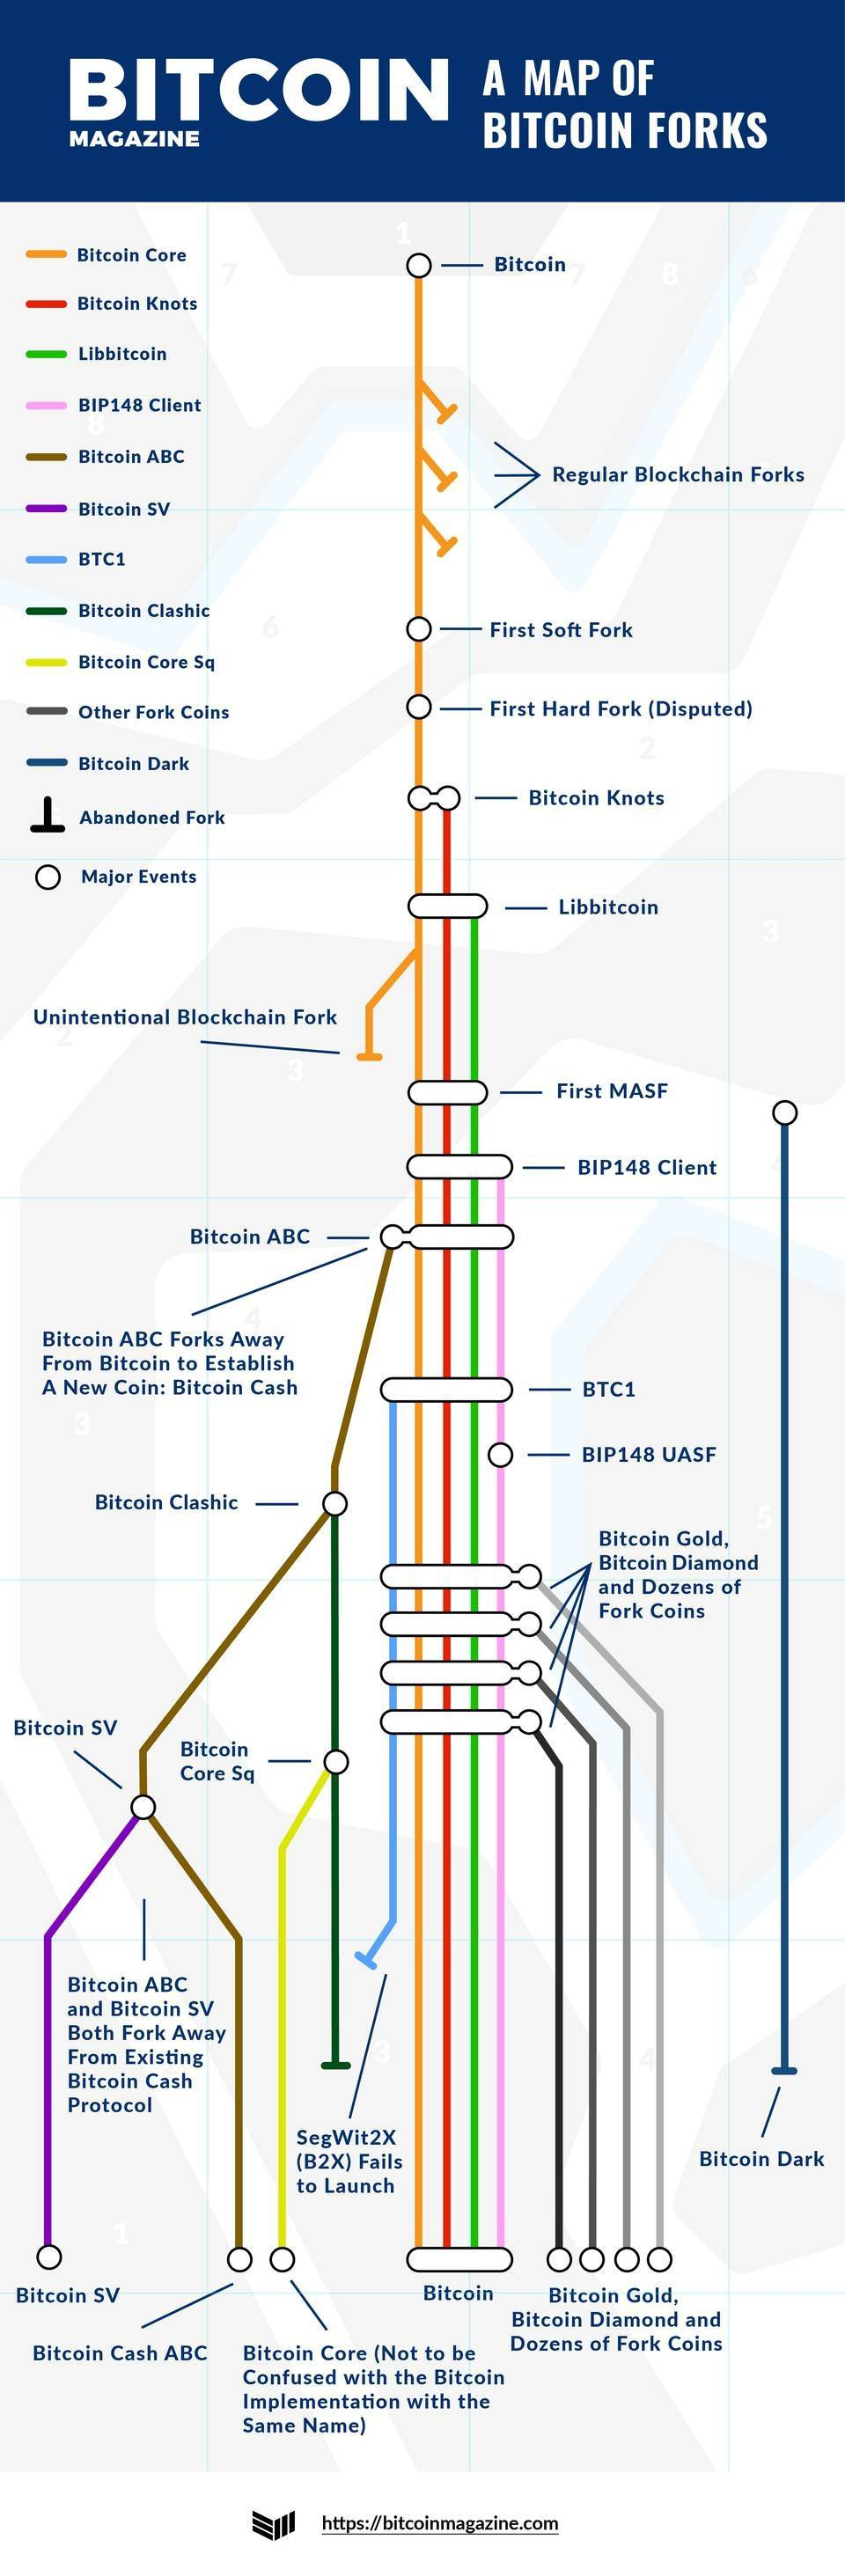 BCH 硬分叉后,我们为你整理了一份比特币「分叉清单」